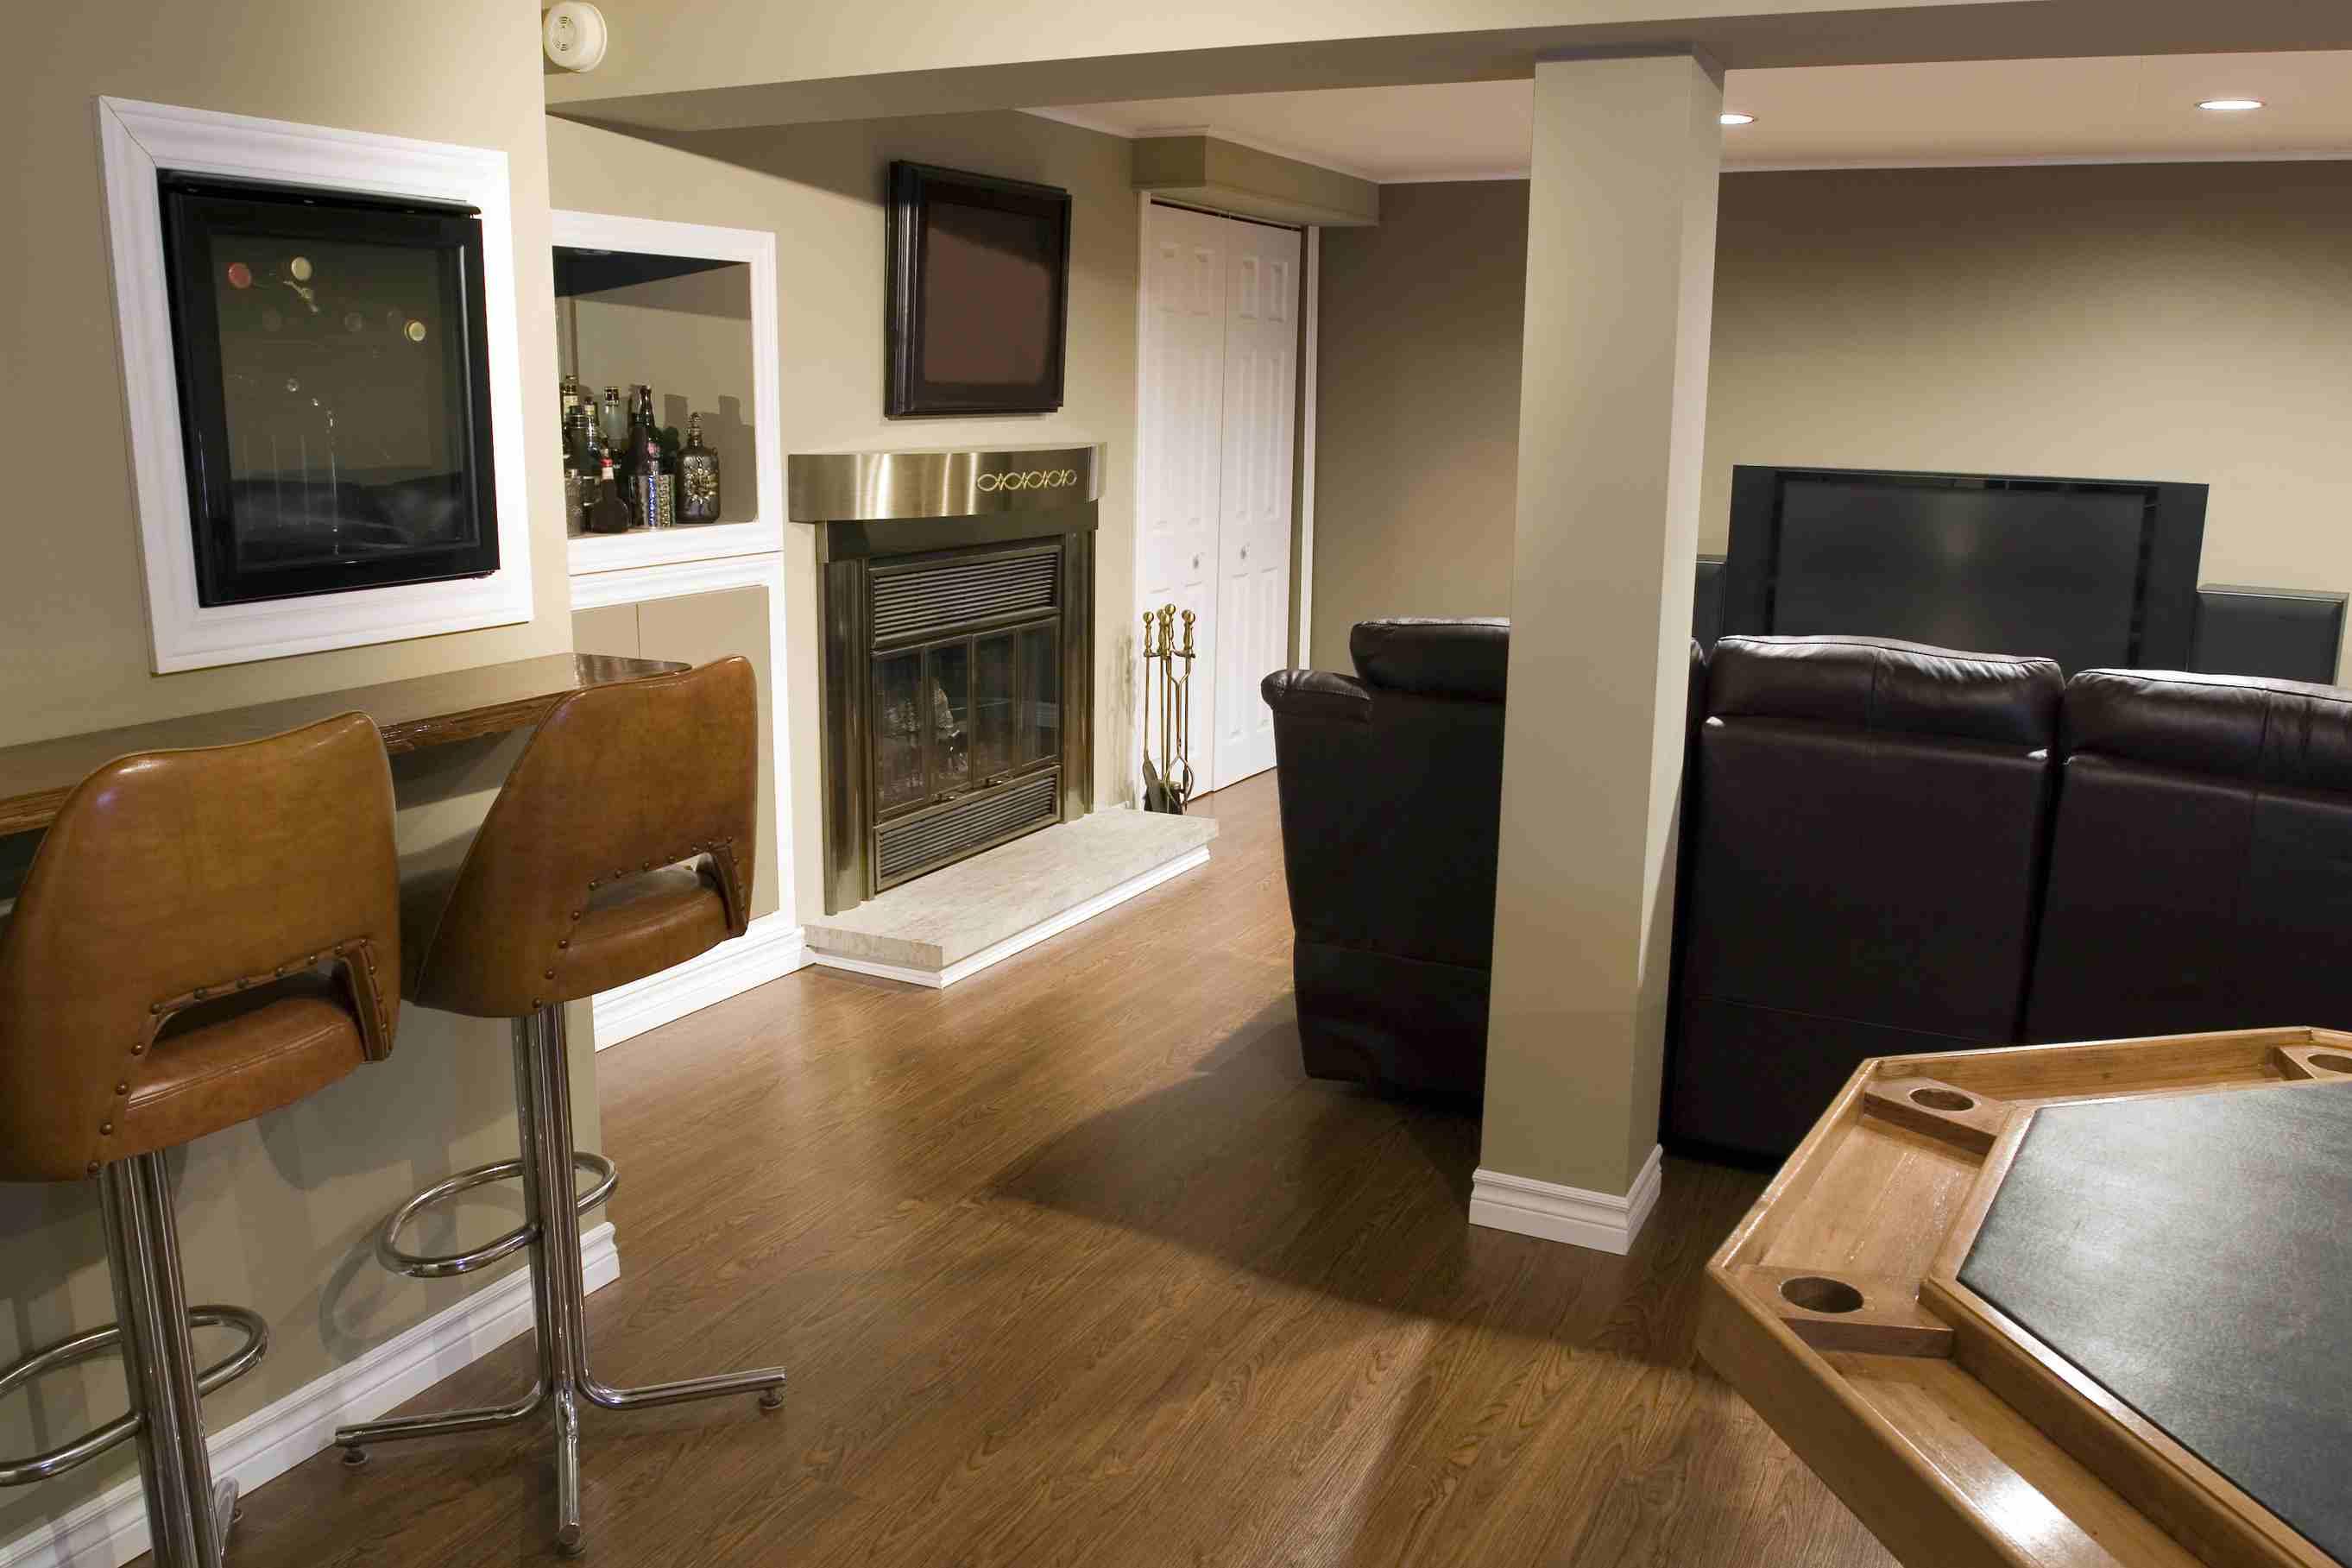 Best Basement Flooring Options Wiring A For Dummies